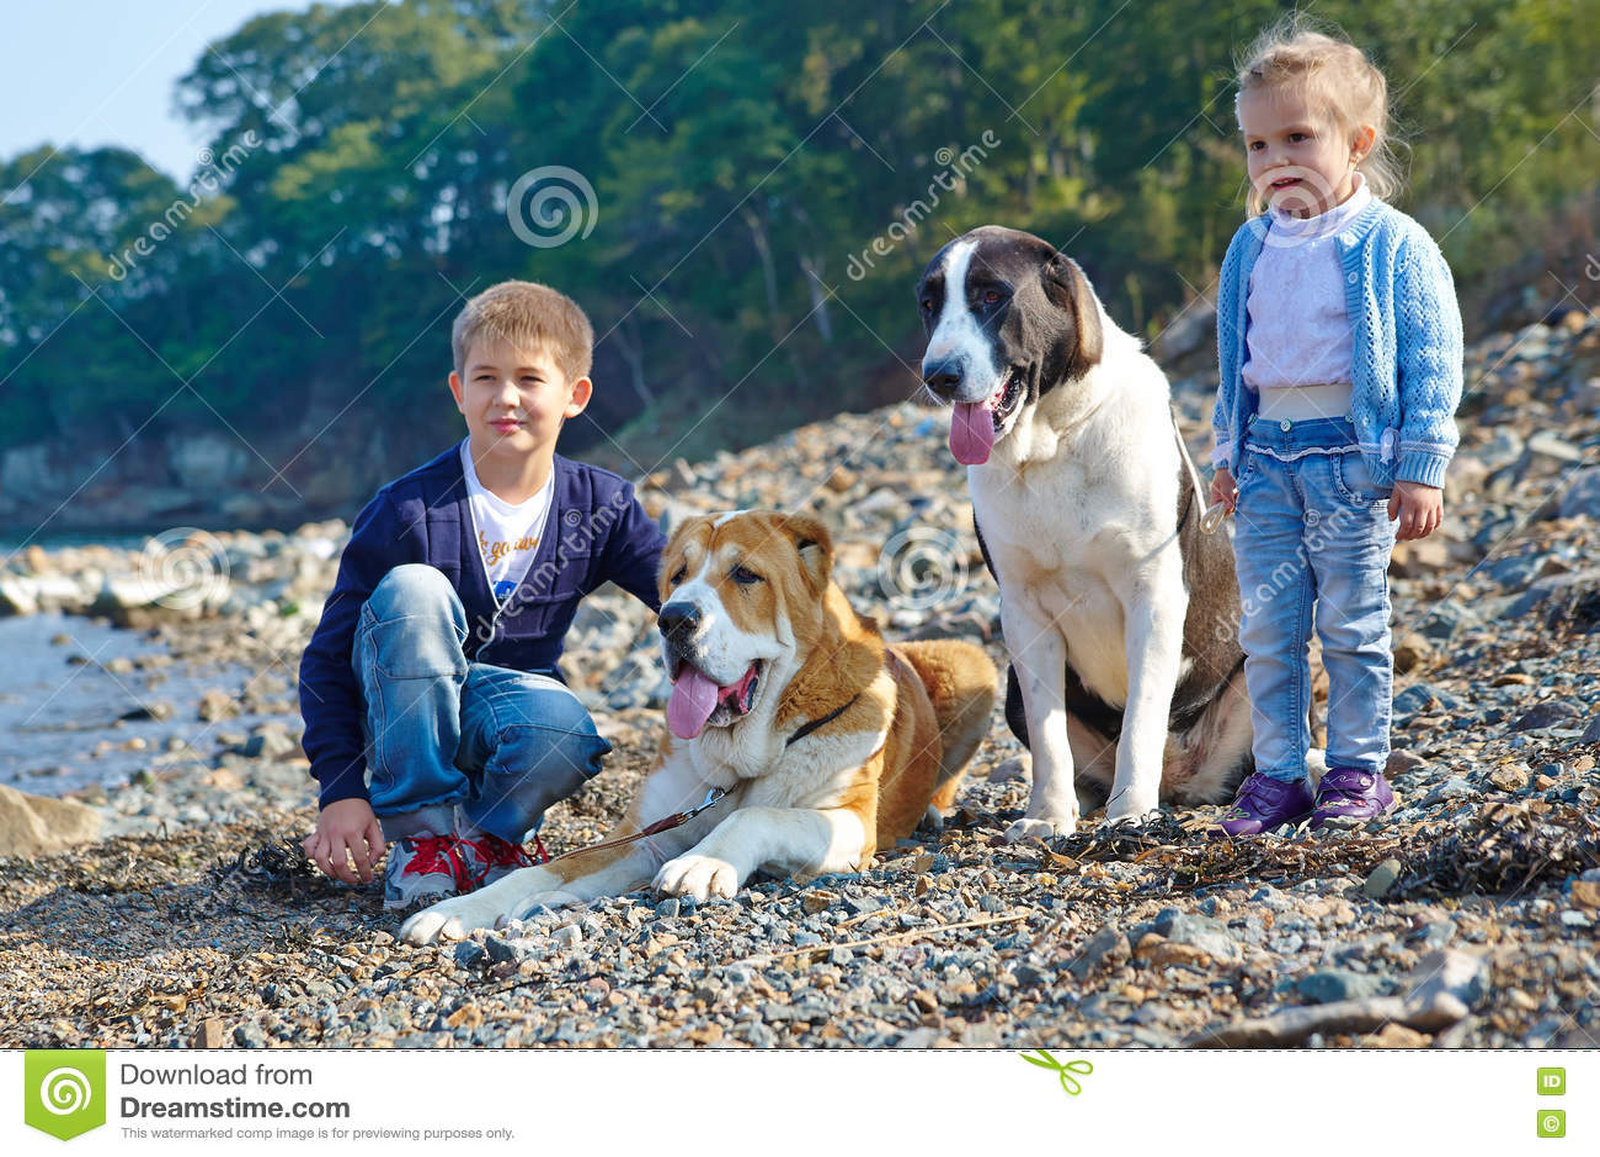 Δύο παιδιά, δύο μεγάλα σκυλιά